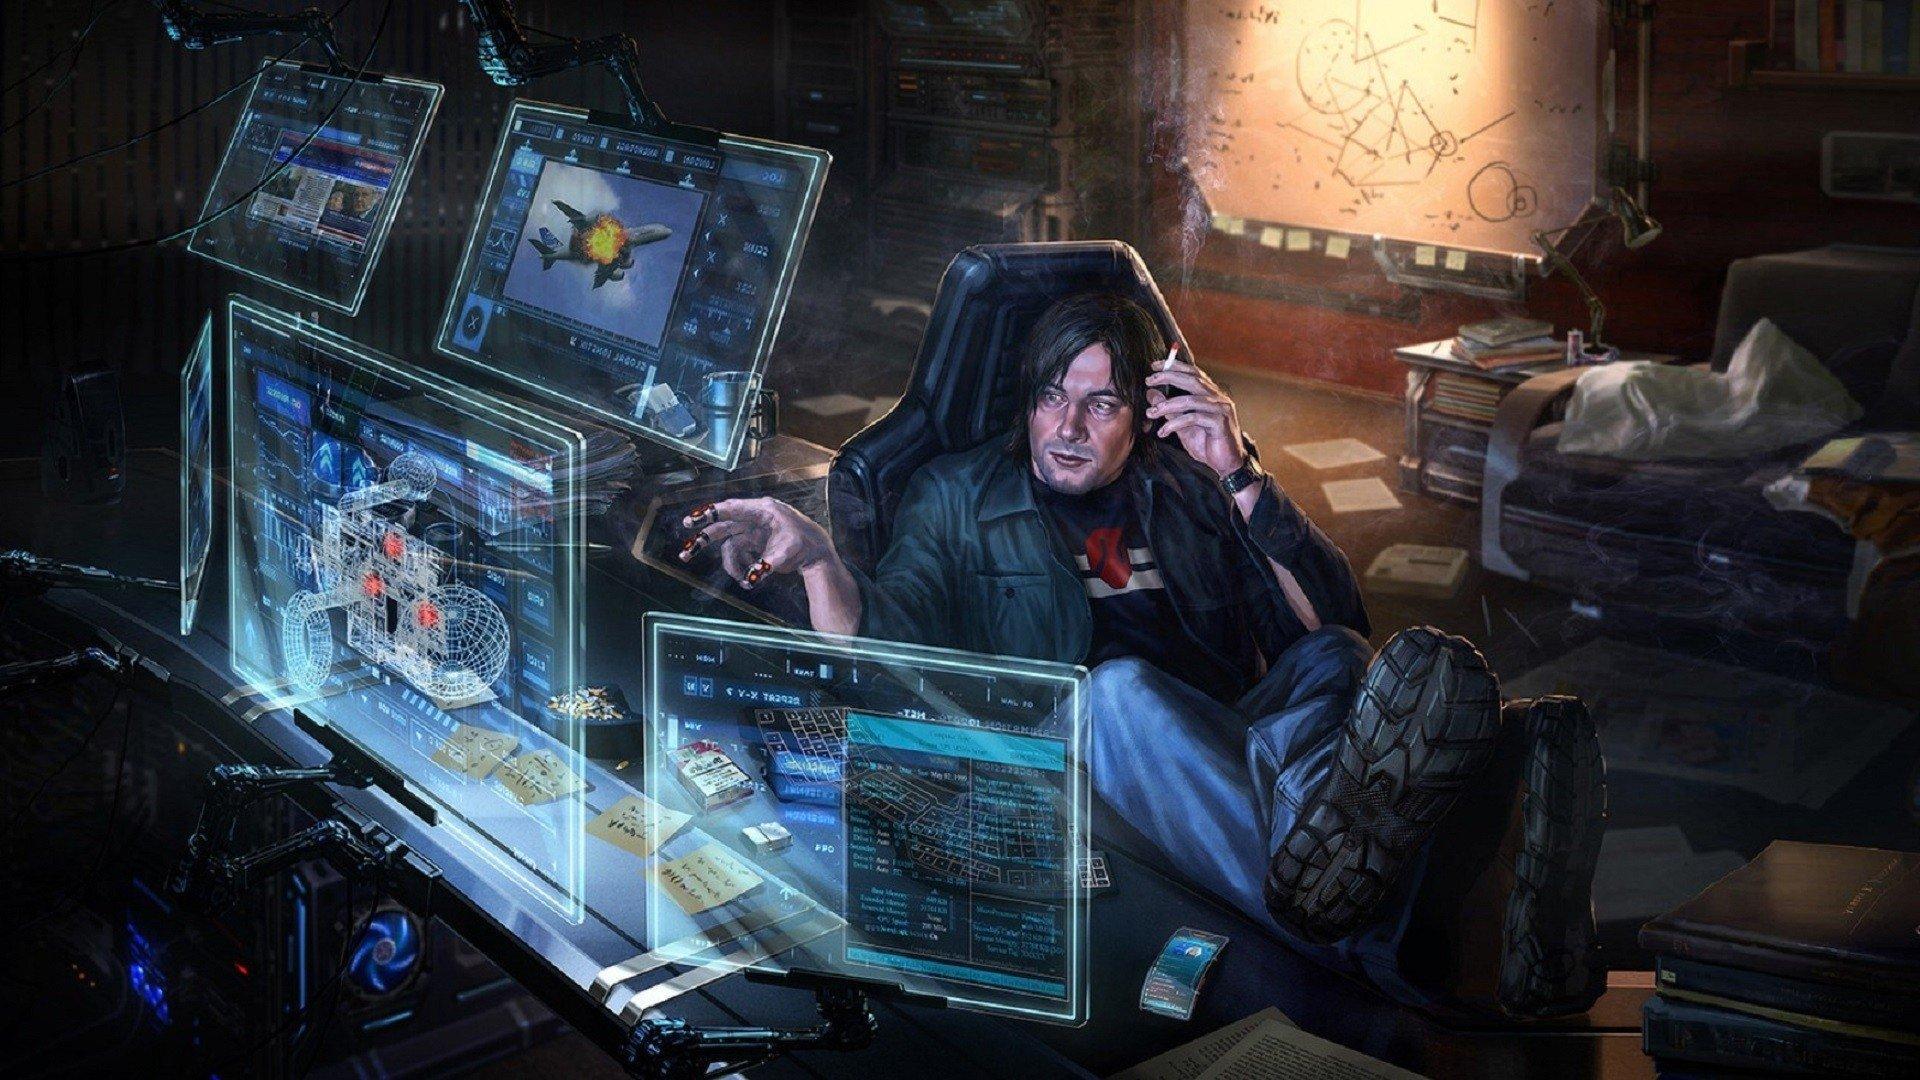 cyberpunk 1080p wallpaper